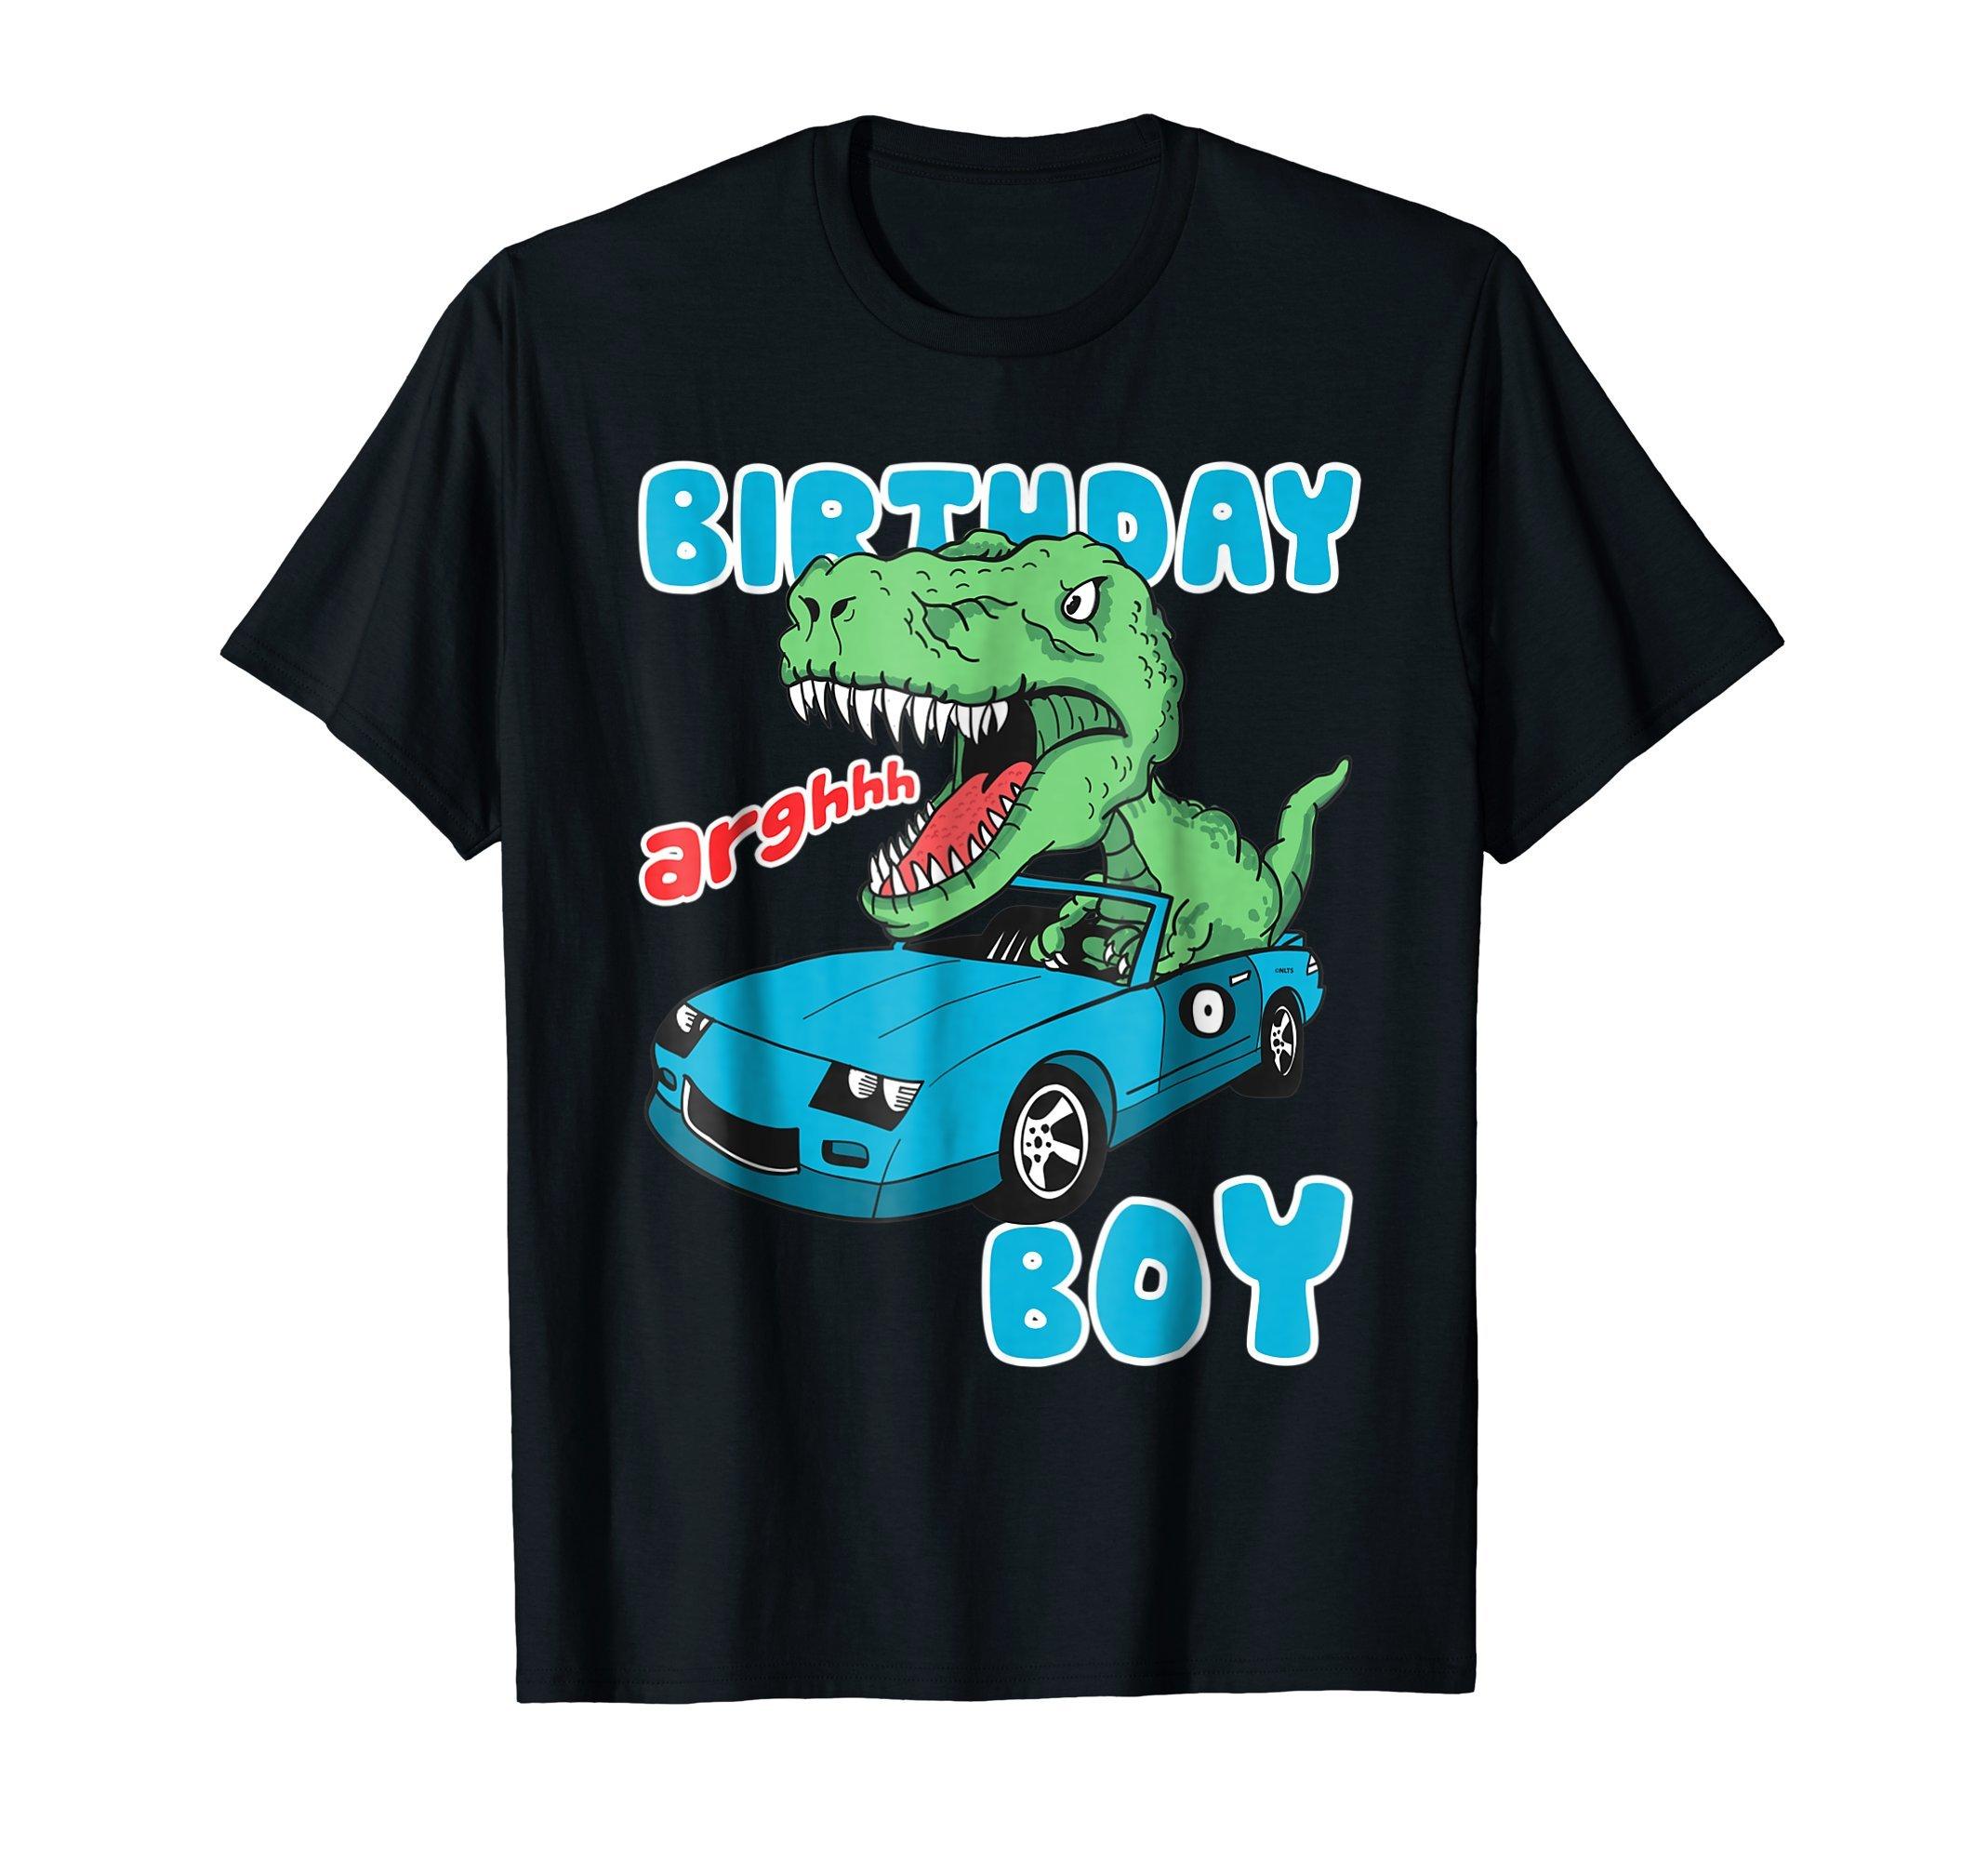 Dinosaur-Racer-Birthday-Boy-Birthday-Fun-Humor-T-Shirt-Tee